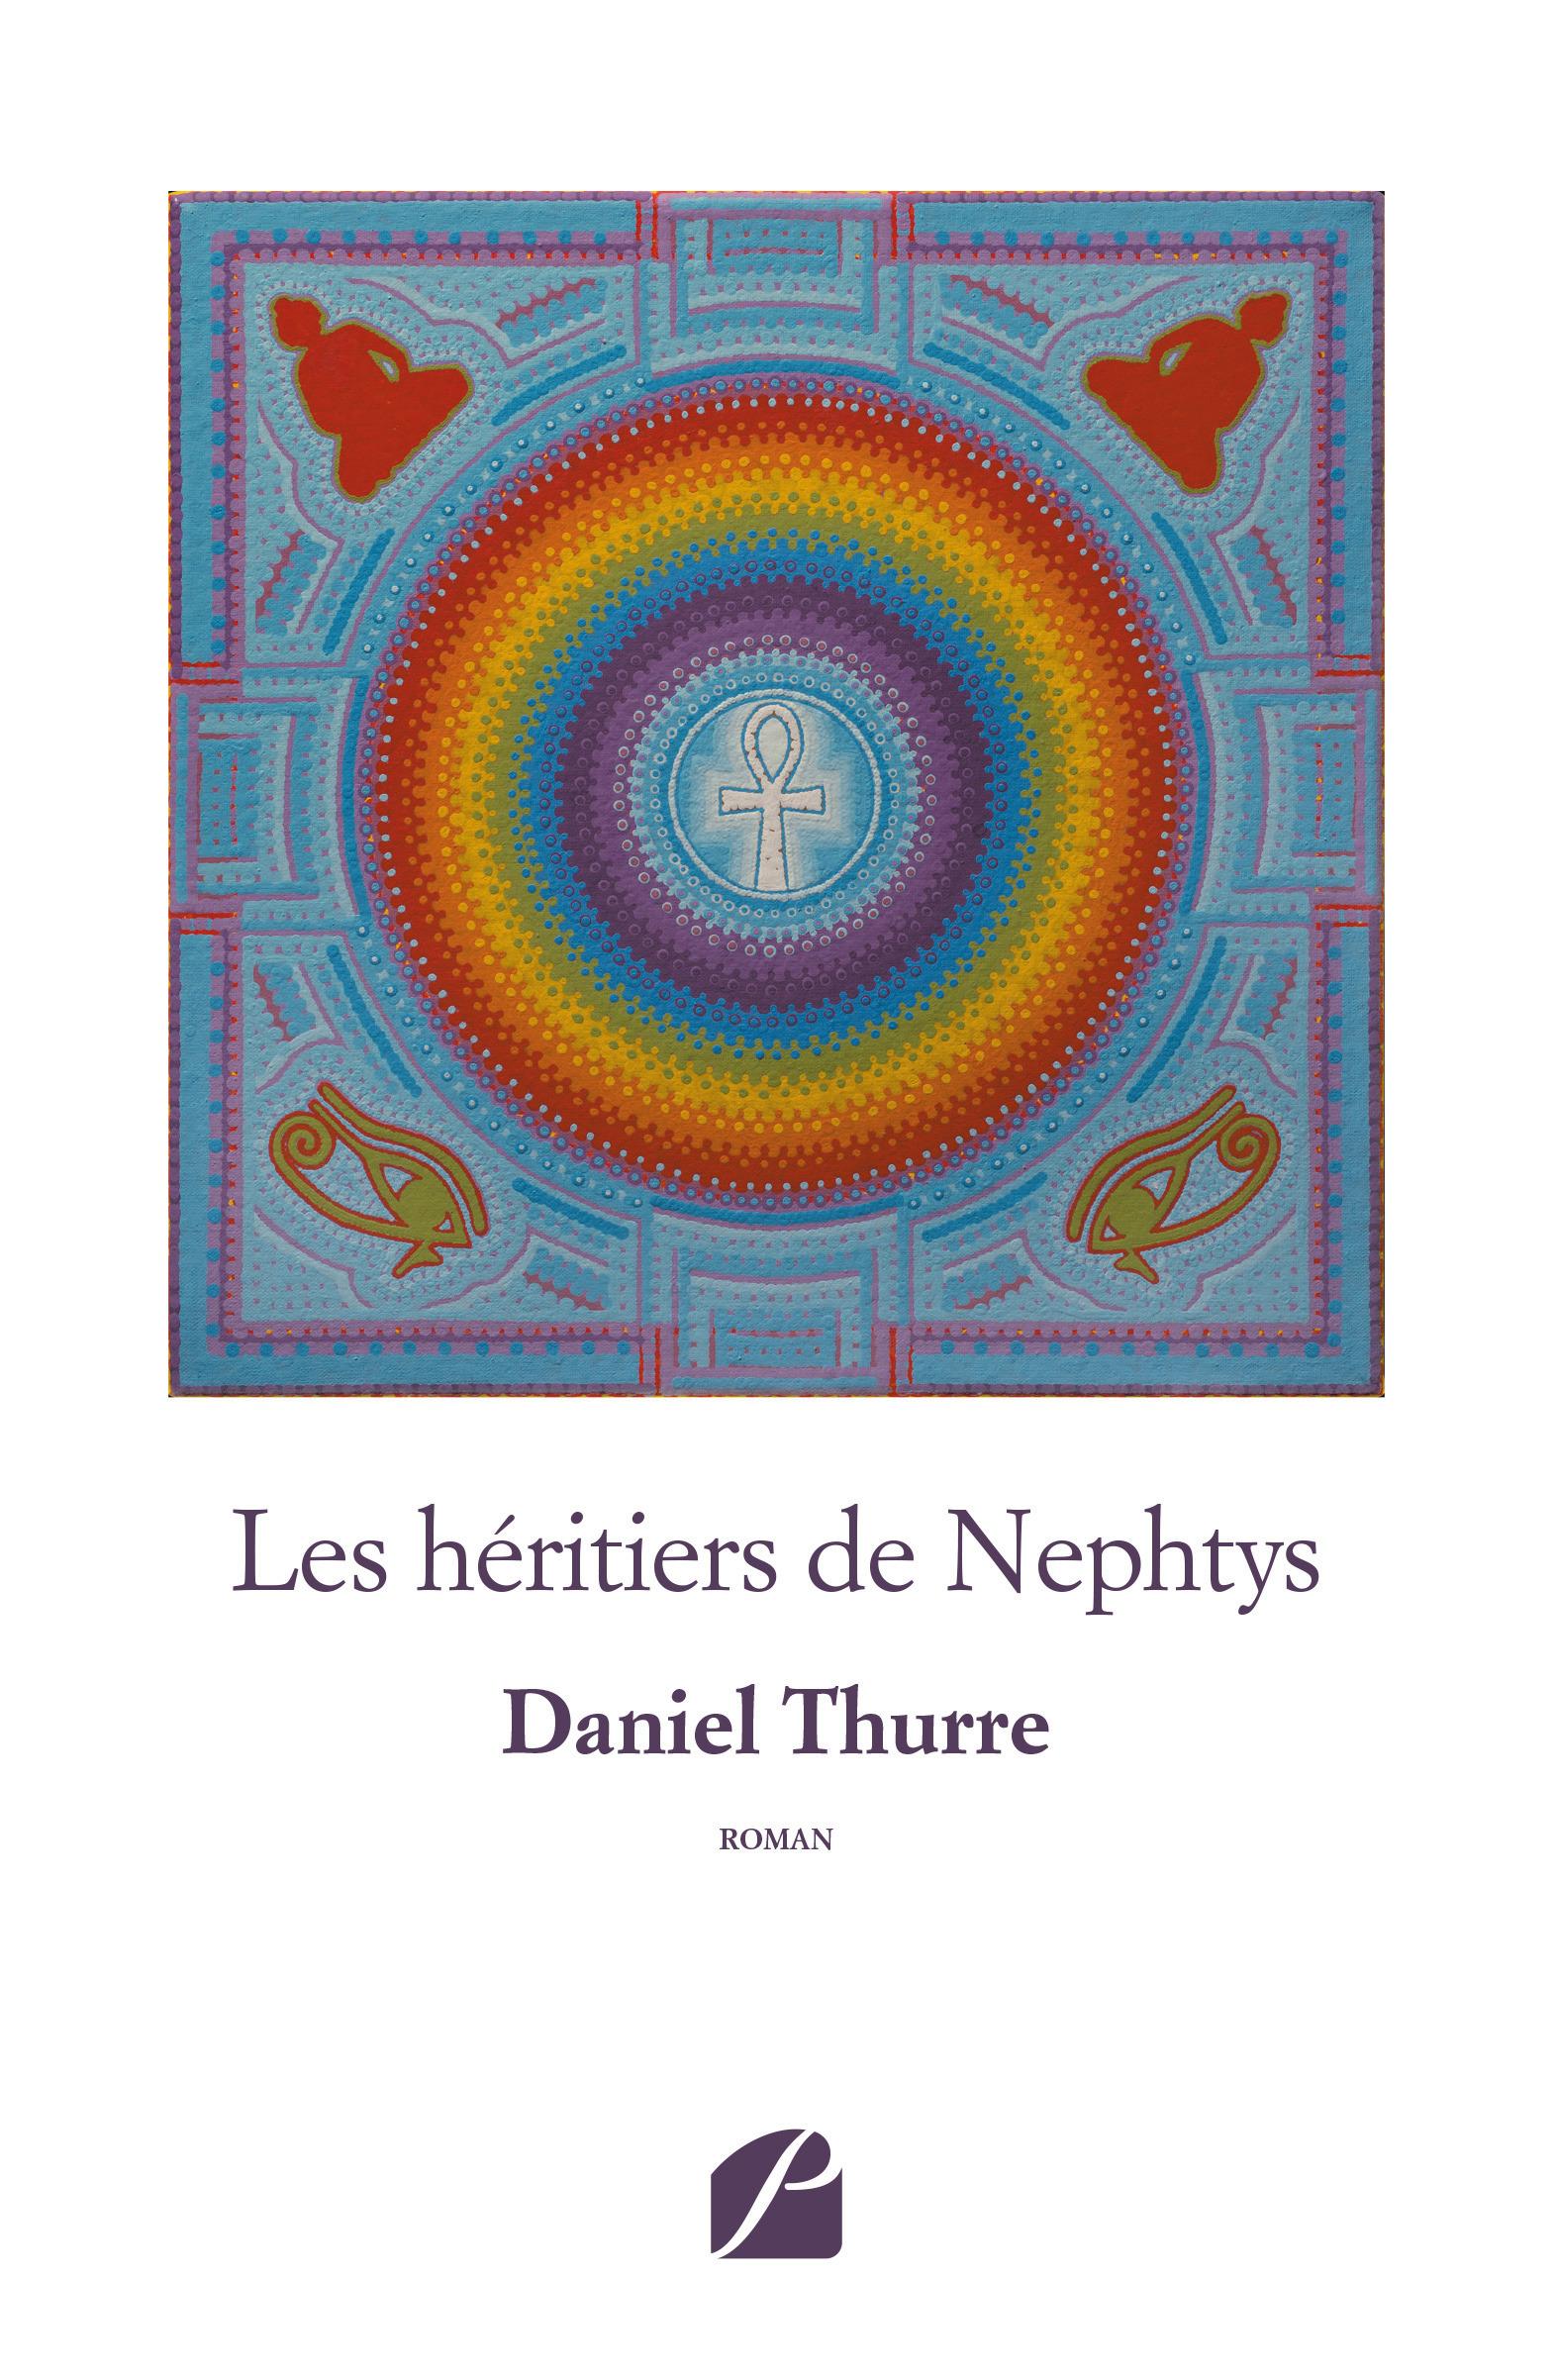 Les heritiers de nephtys